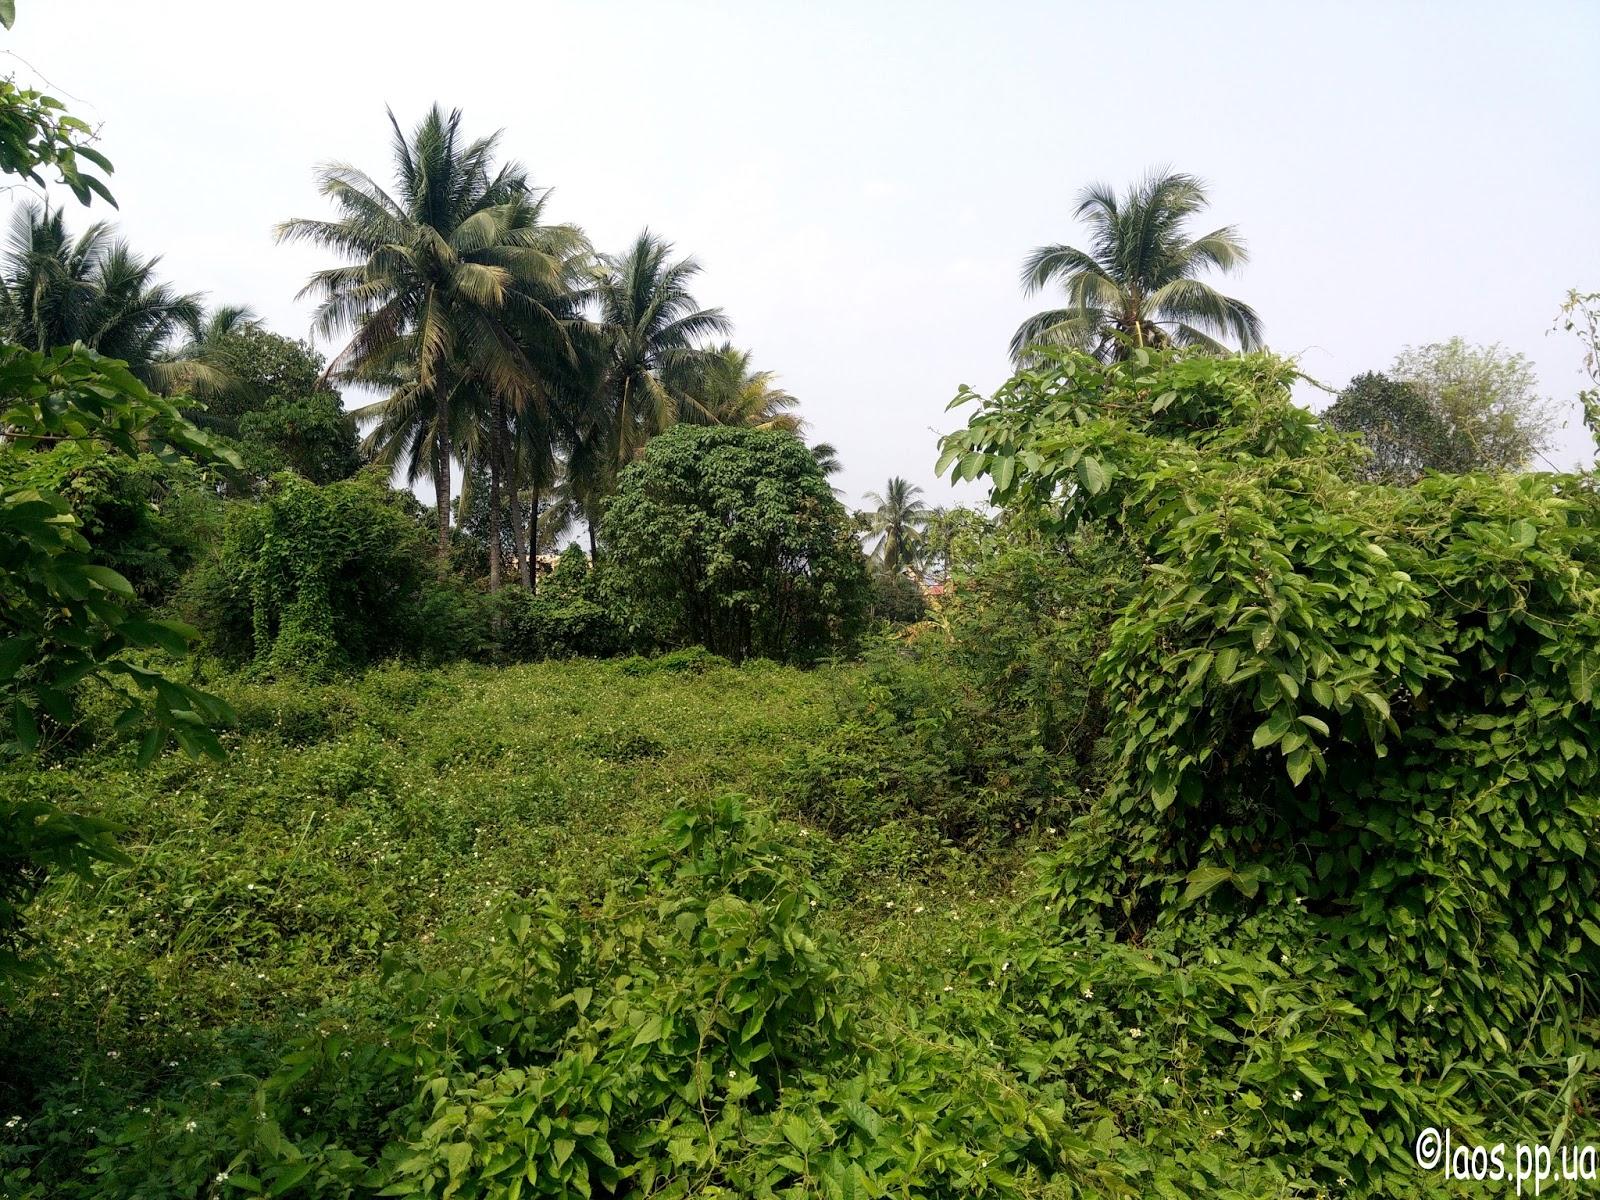 Лаос природа